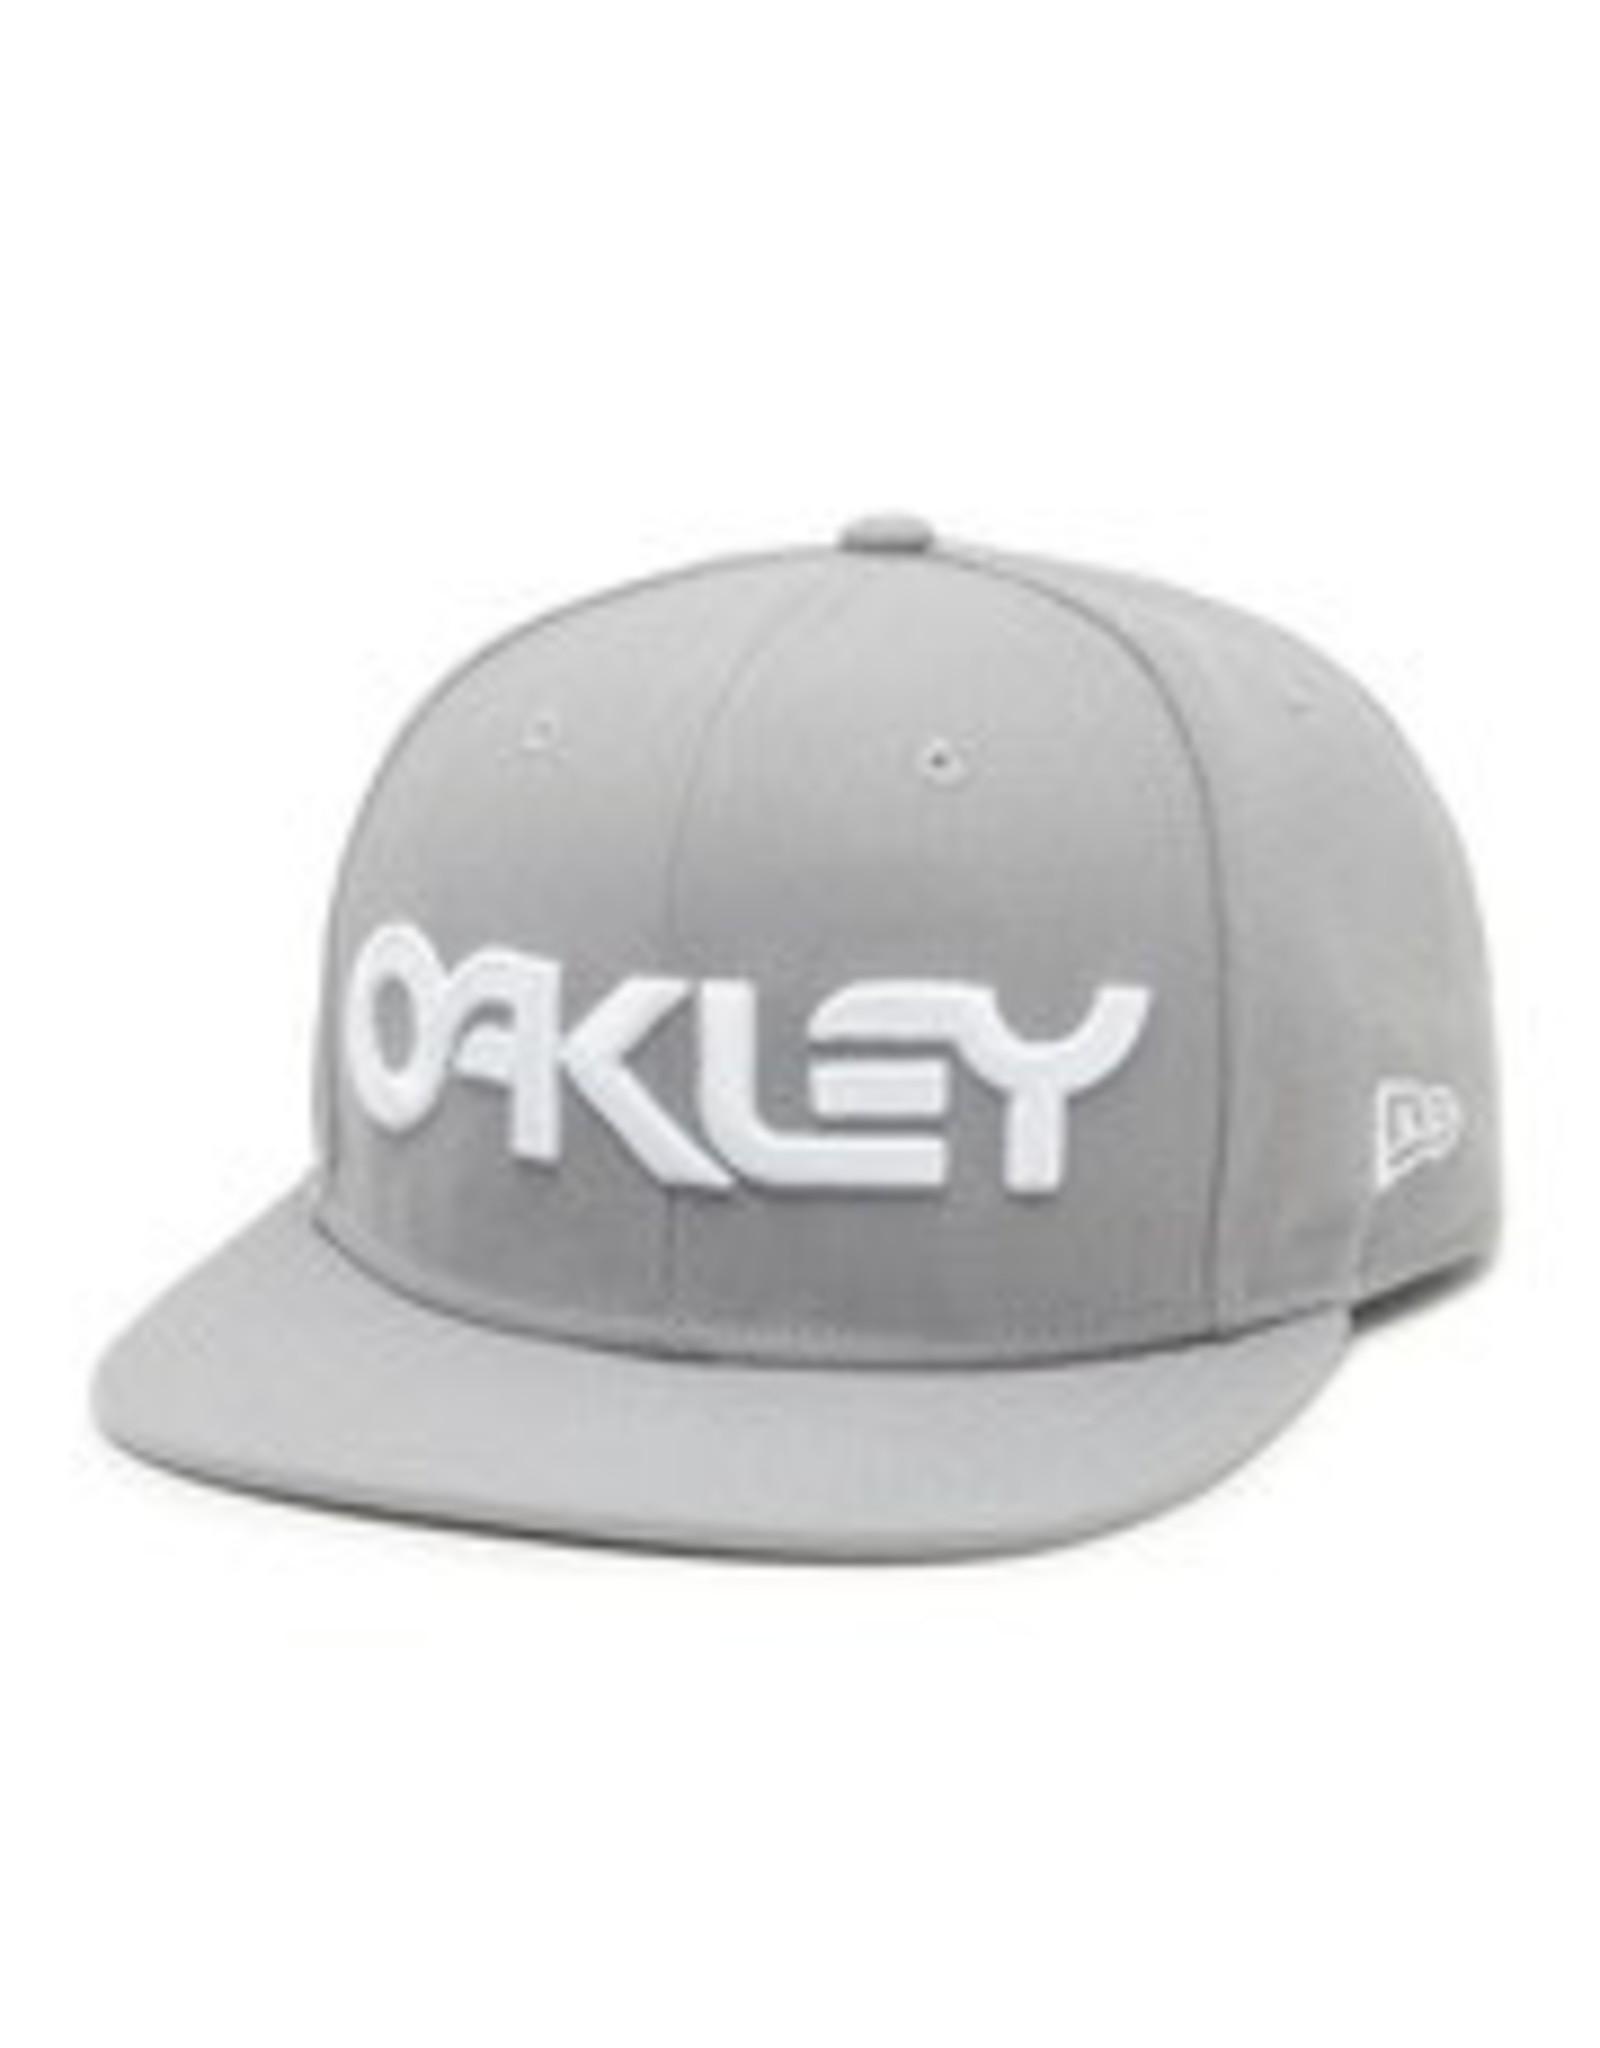 Oakley Oakley - MARK II NOVELTY SNAP BACK Stone Gray One Size (U)